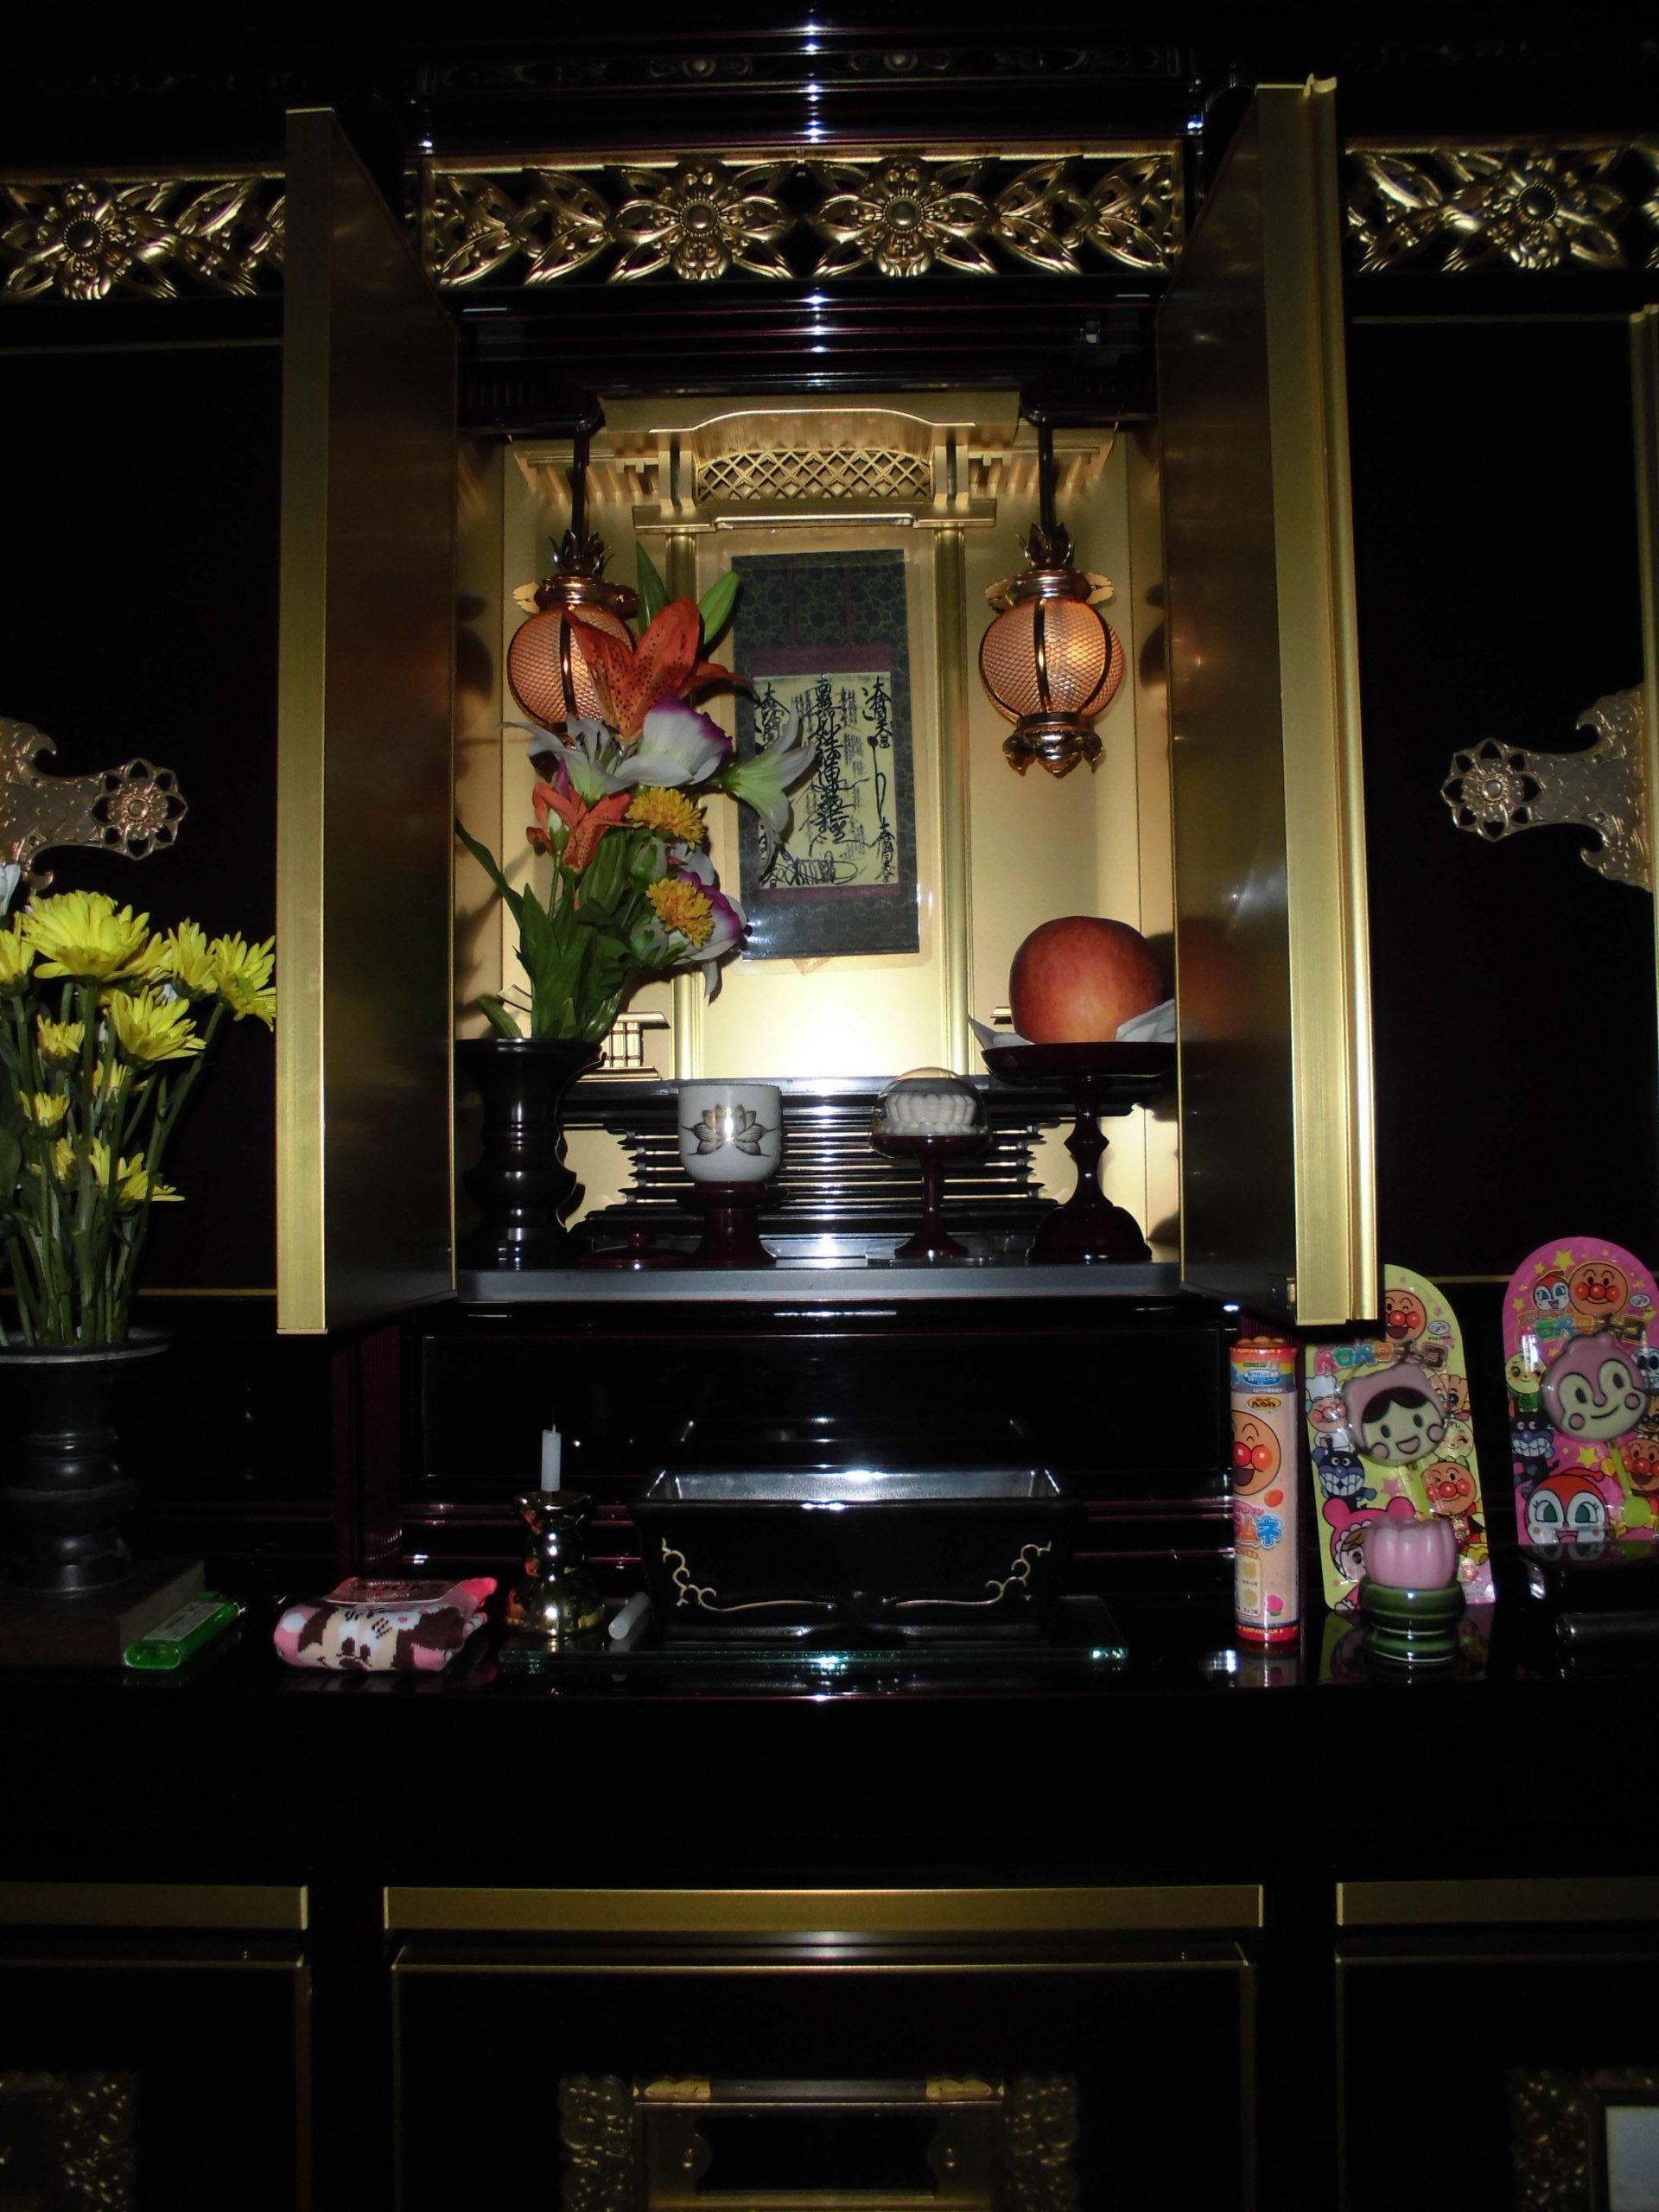 神棚のお供え物を交換するタイミング   ミニ仏壇・ …